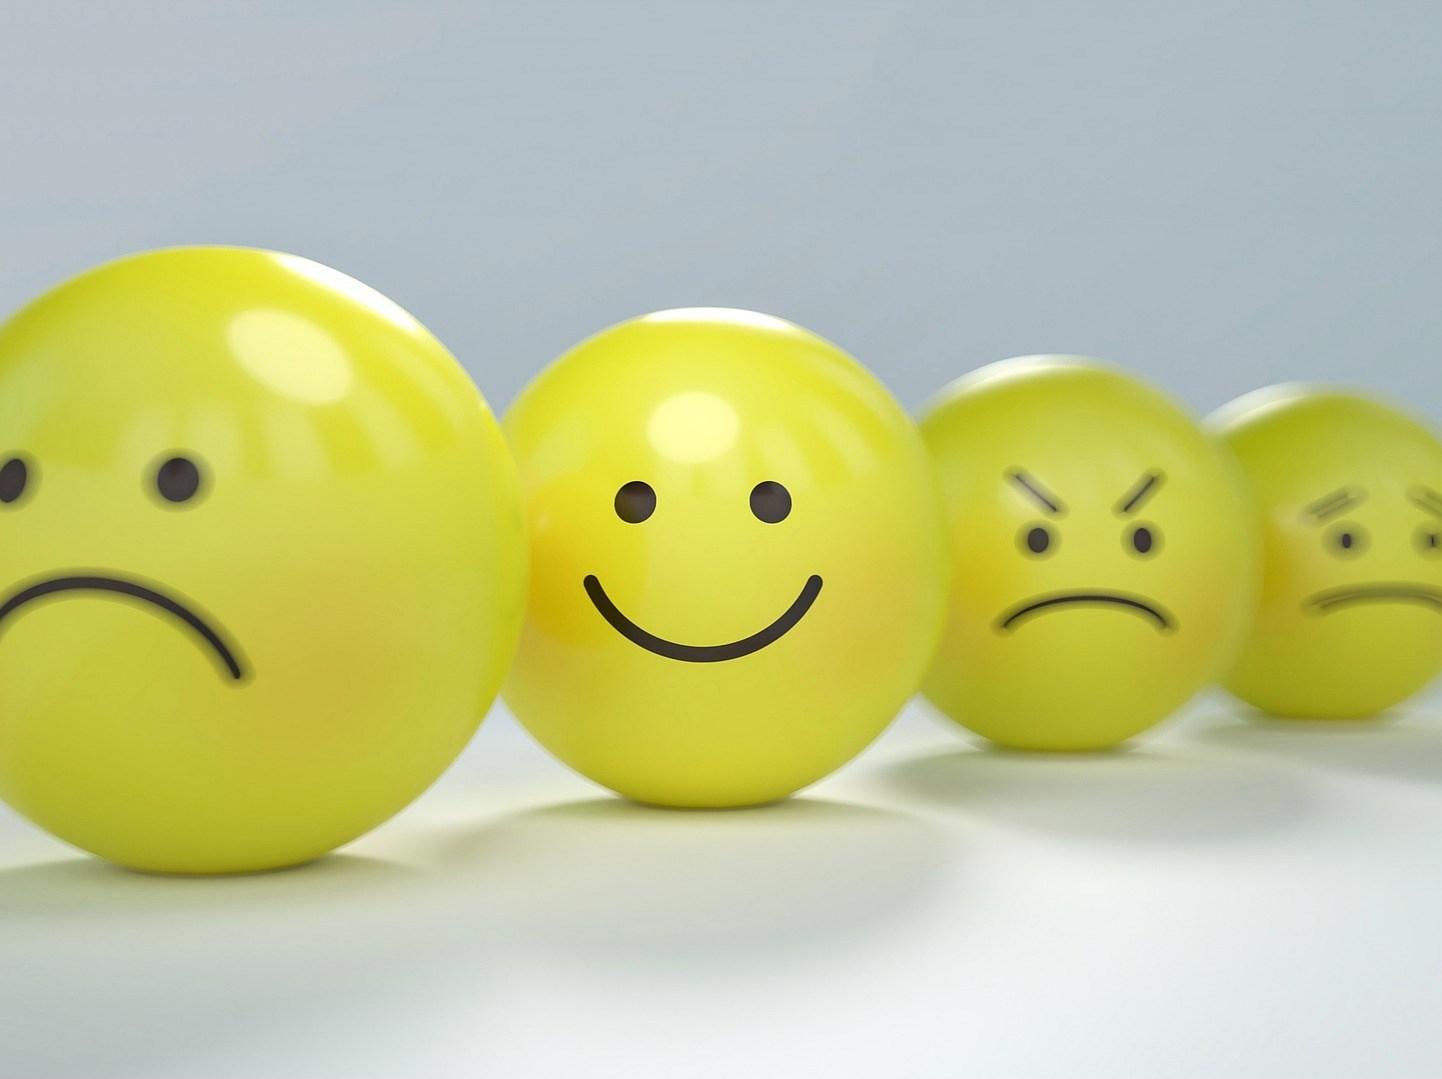 smiley-2979107_1920-e1538916023114.jpg